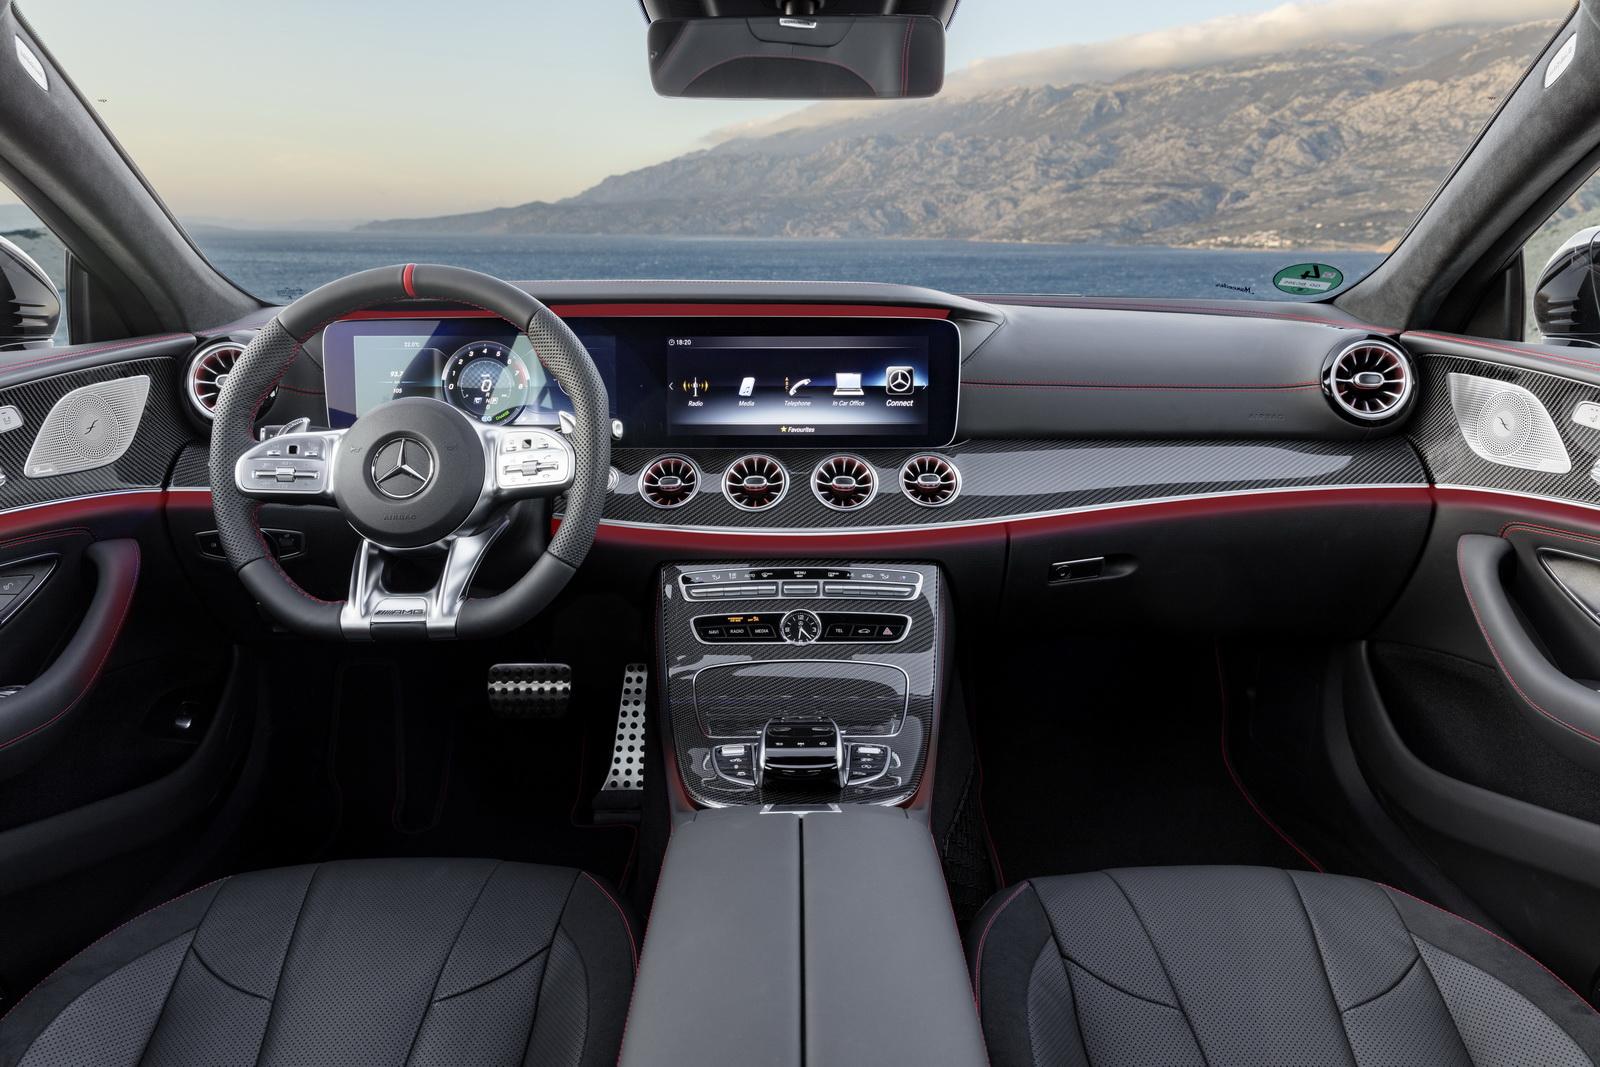 Mercedes-AMG CLS 53Interieur: Leder Nappa schwarz mit roten ZiernähtenExterieur: Graphitgrau // Interior: Nappa leather black with red stichingExterior: Graphite Grey